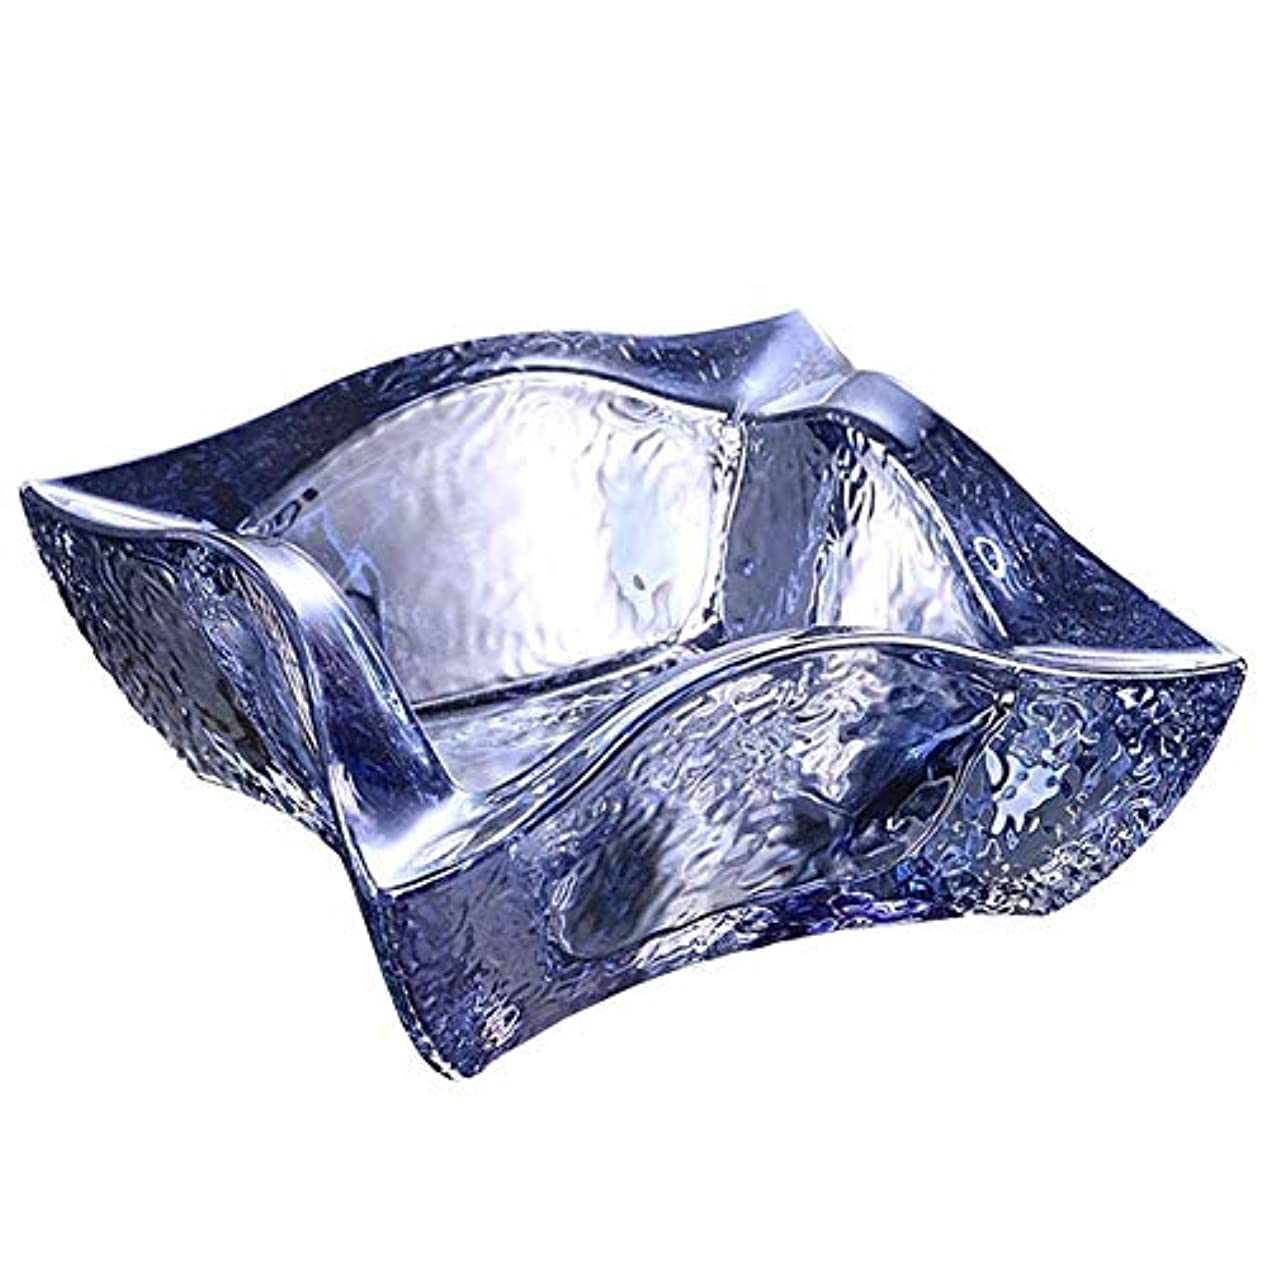 反応するボックス用心するファッション透明ガラスクリスタル灰皿クリエイティブオフィスリビングルームの装飾多機能灰皿(色:アクアブルー)